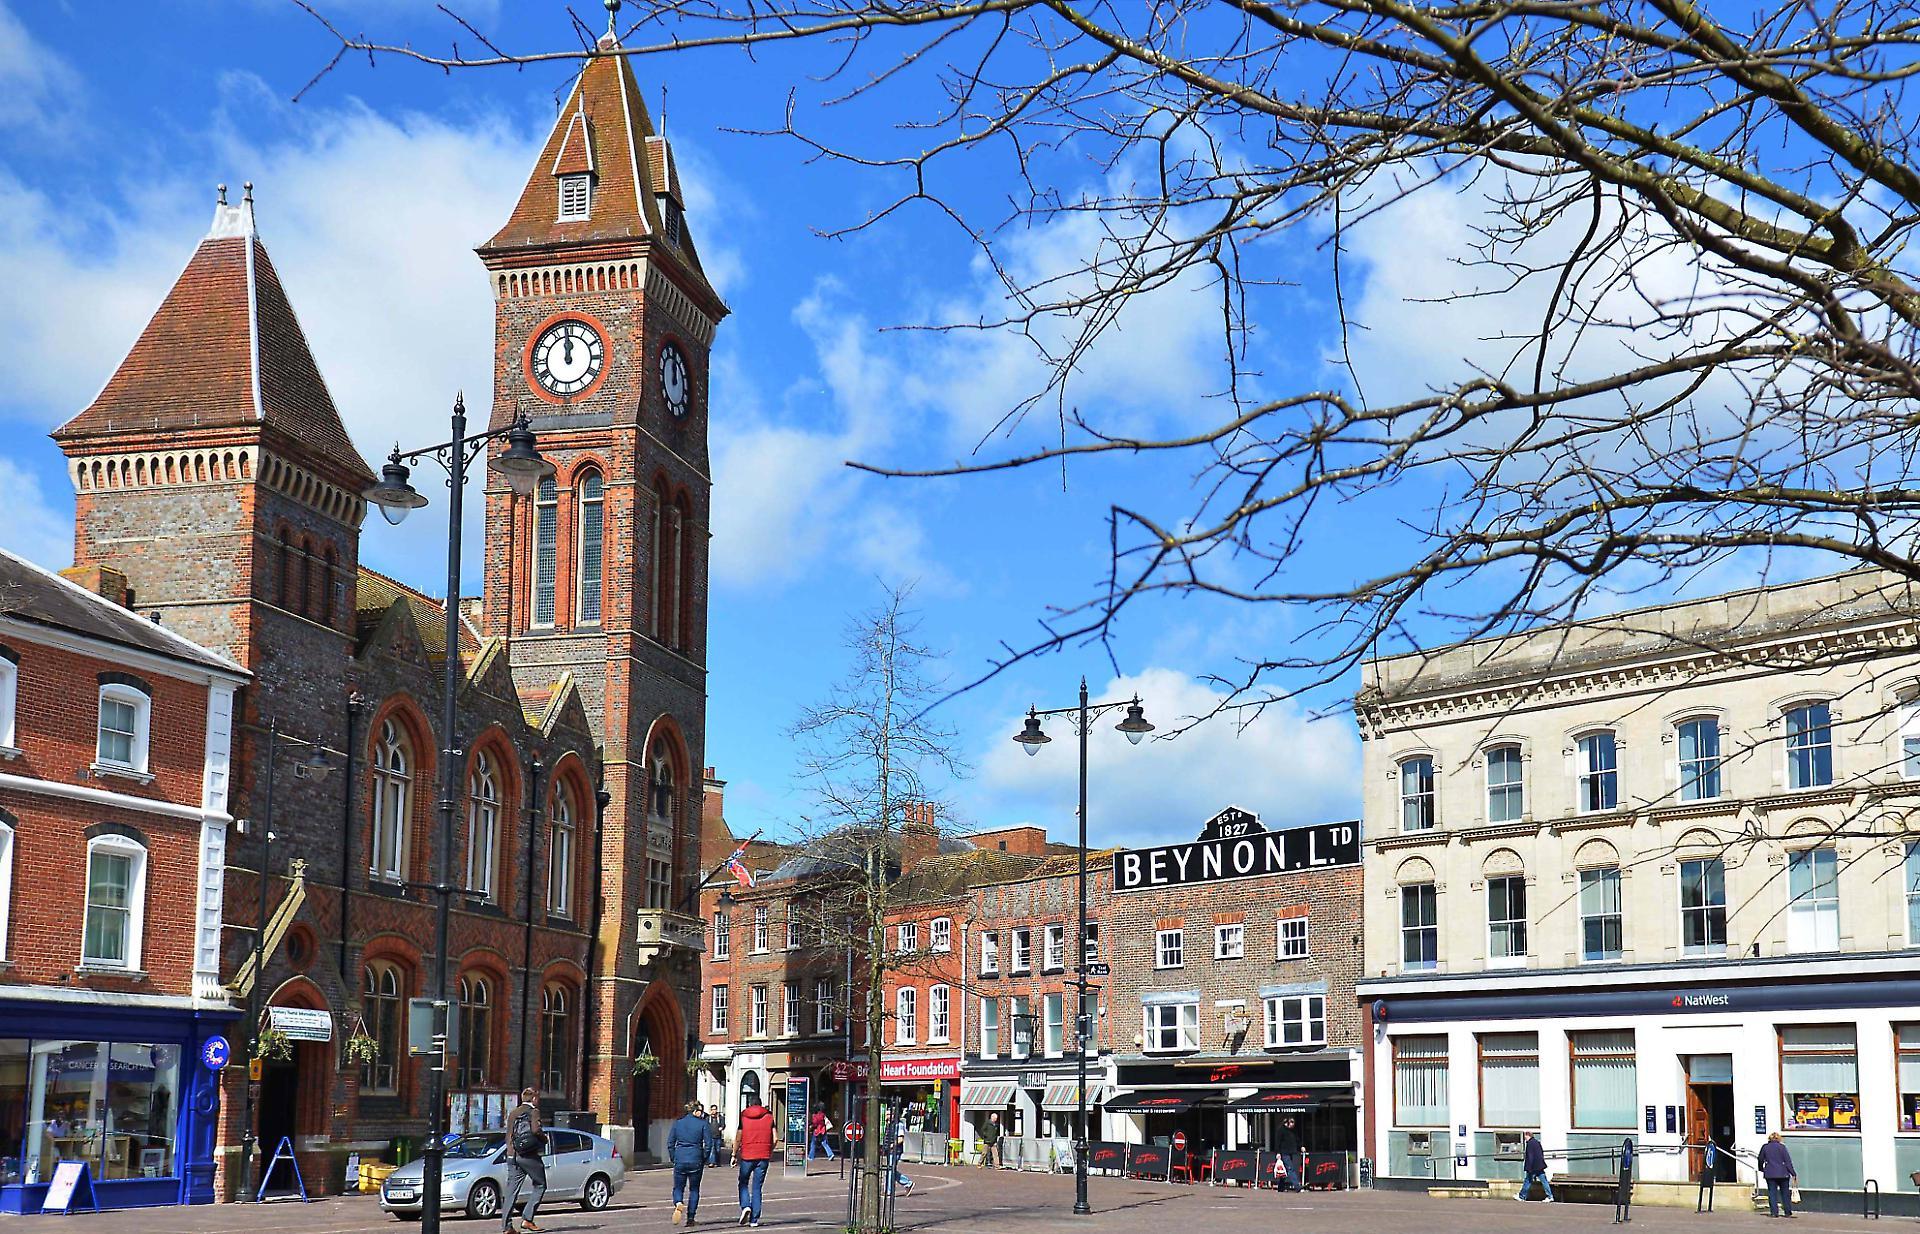 Image of Newbury market place